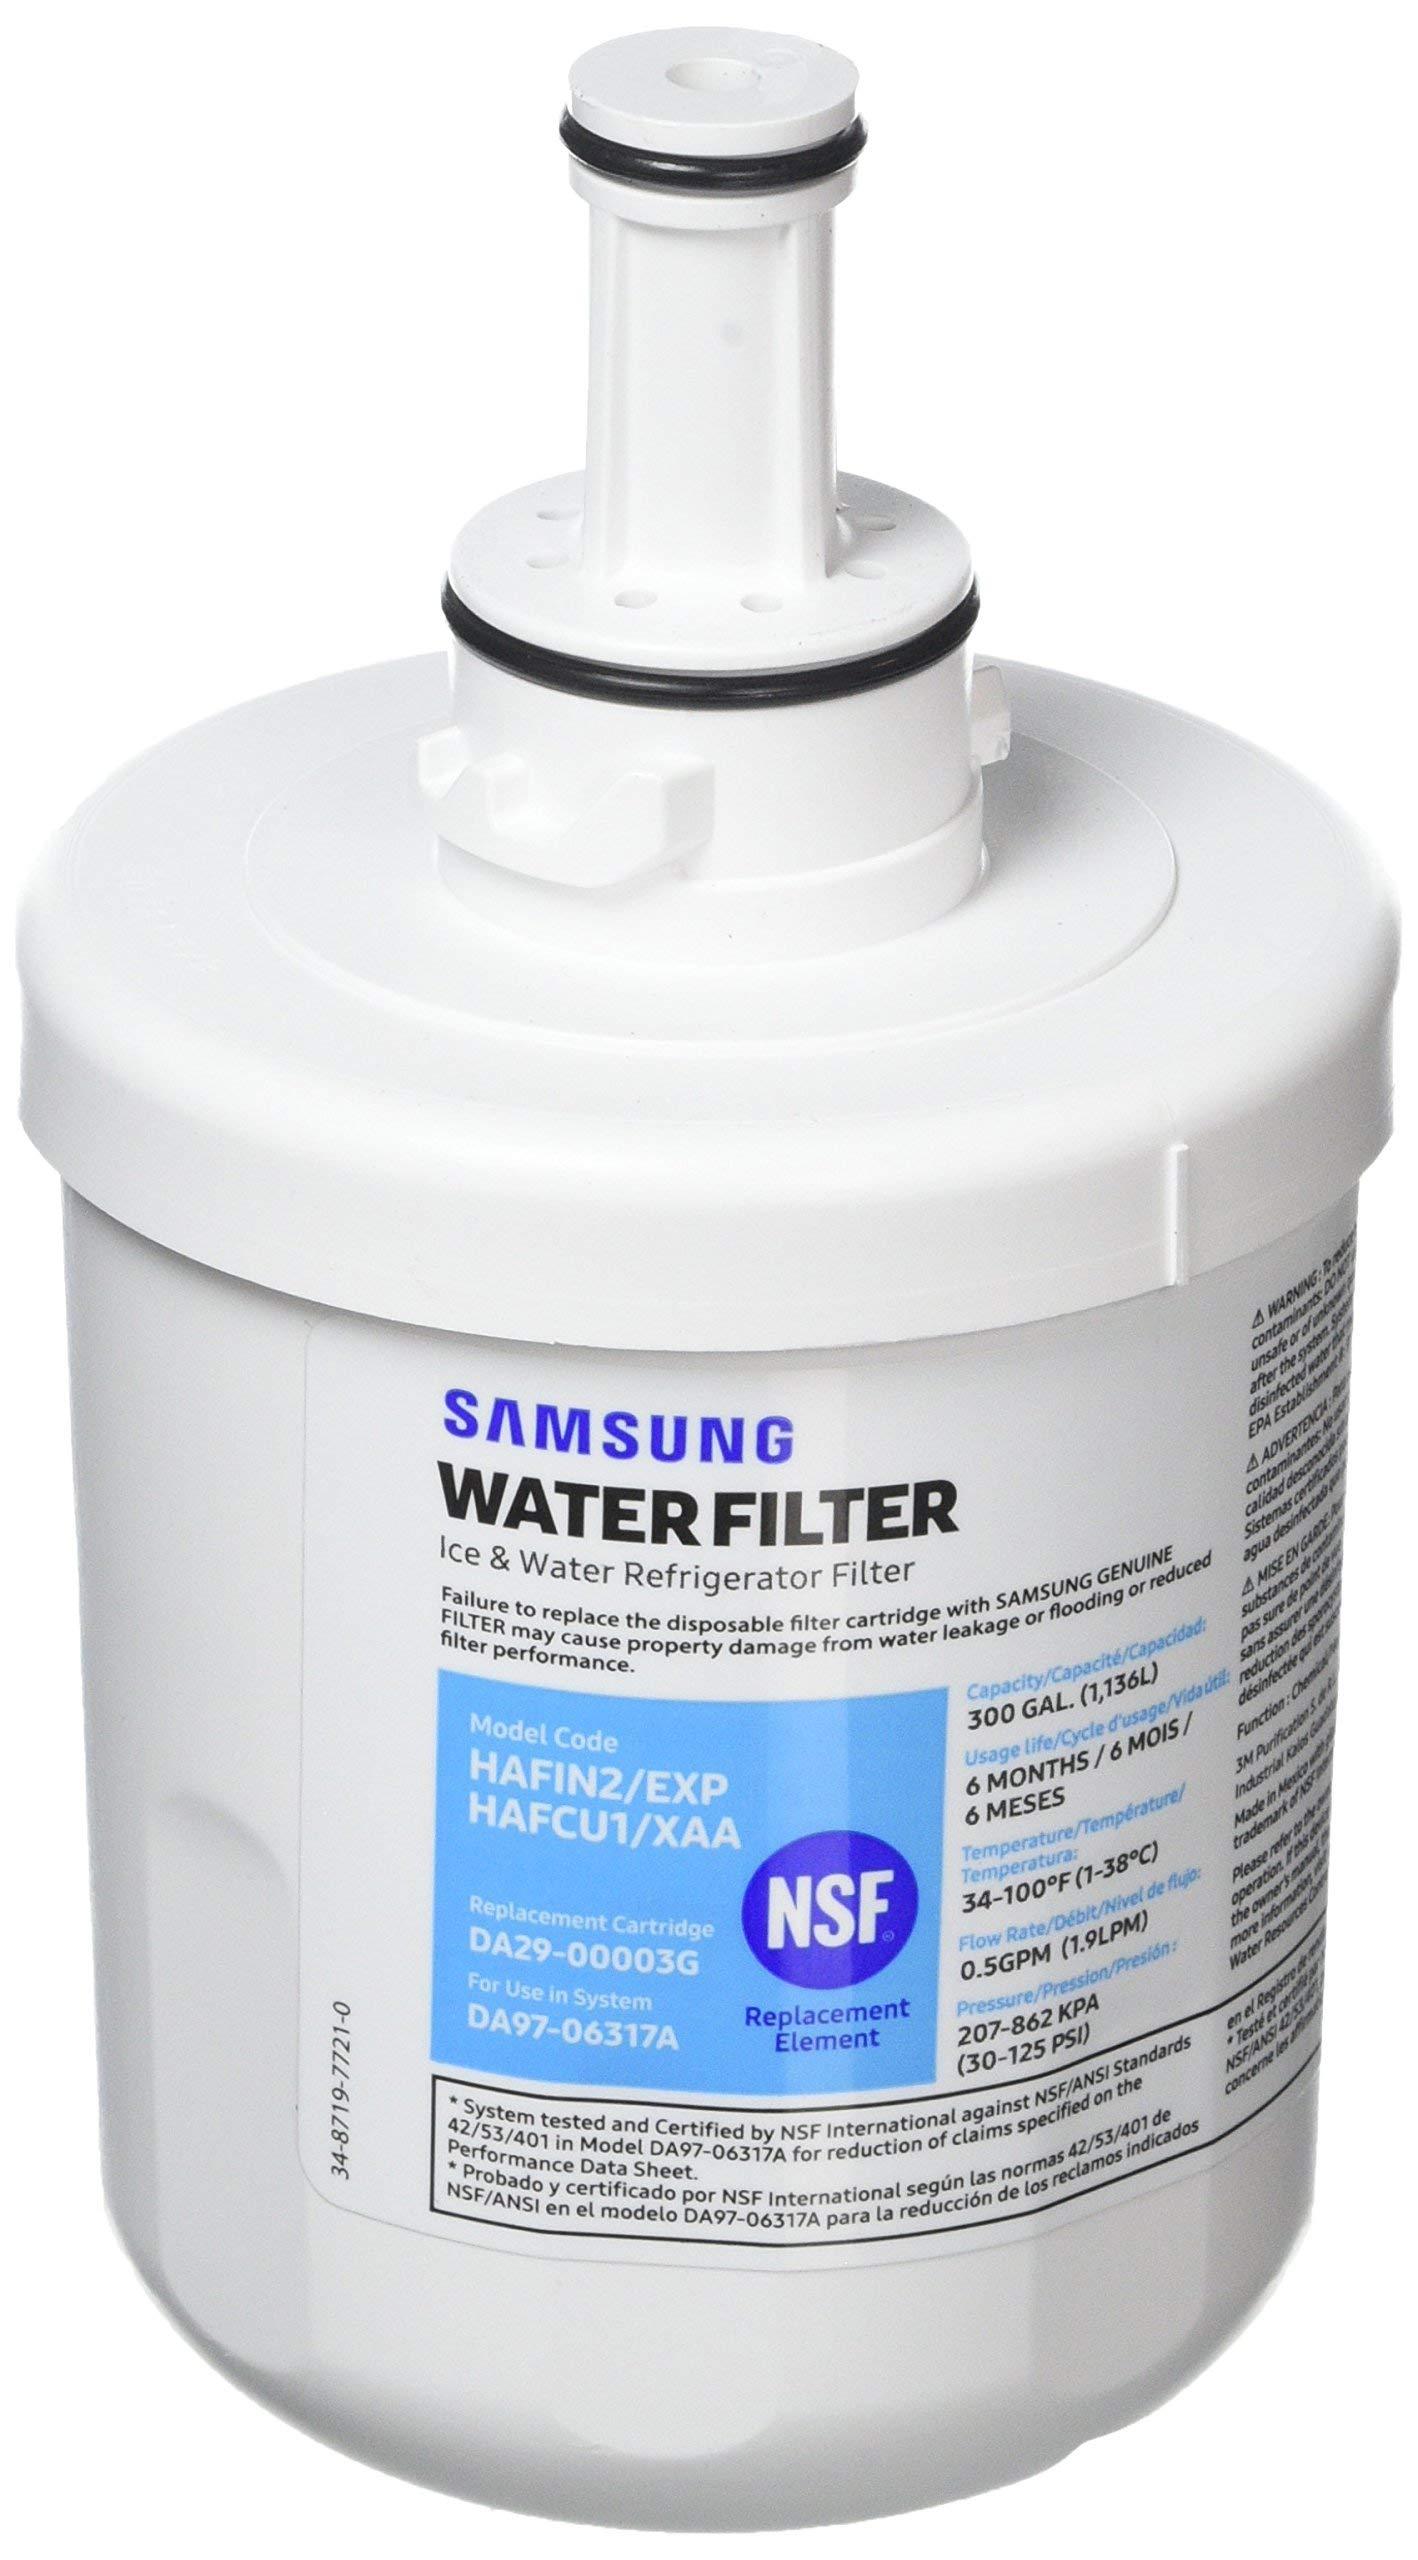 Samsung HAFIN2//EXP// DA2900003G Fridge Water Filter